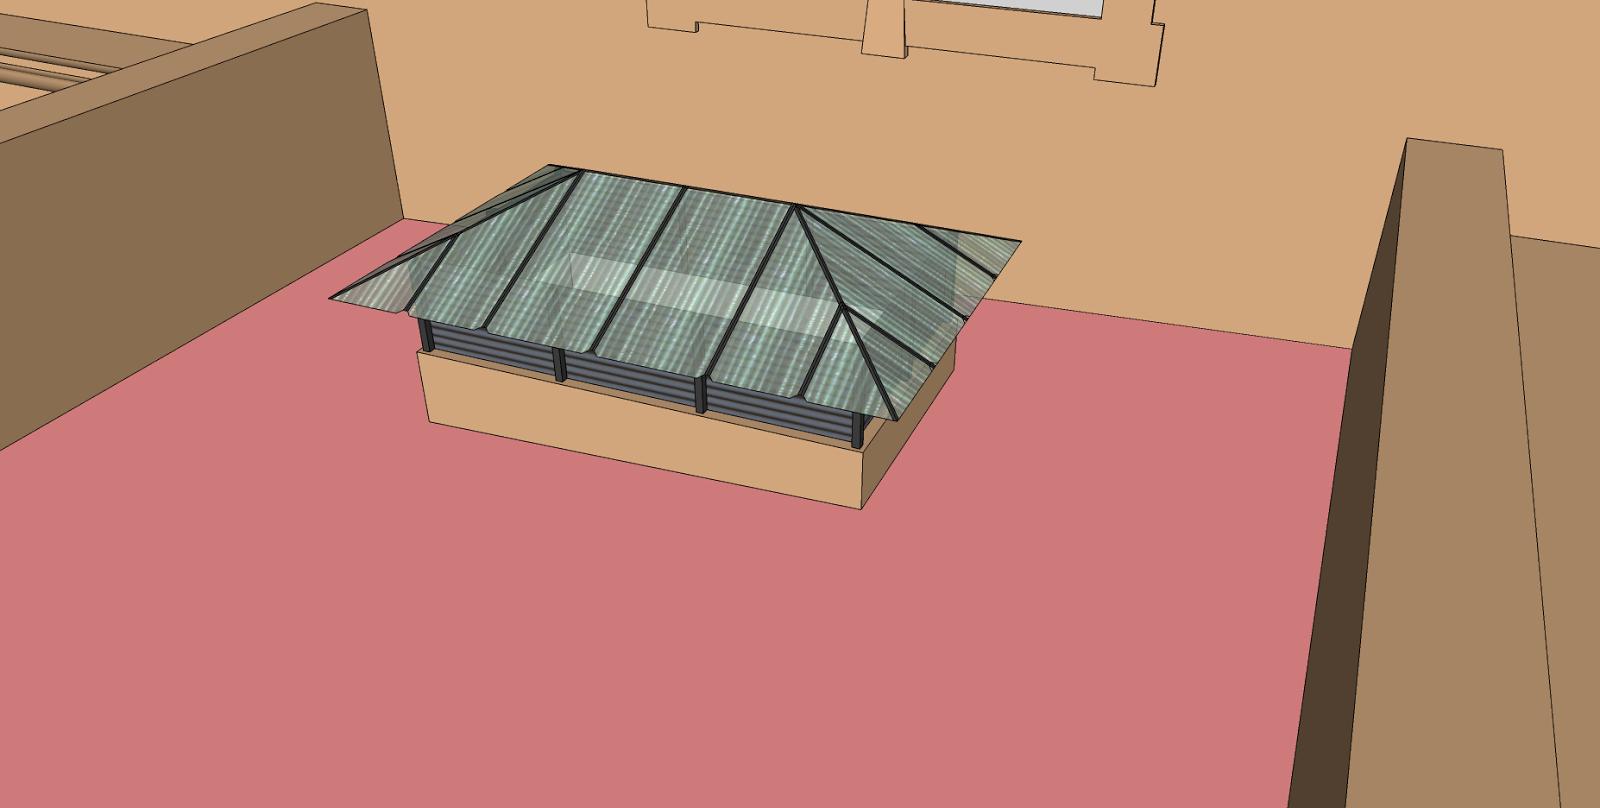 Puertas Para Baño Sketchup:Claraboya del baño que se vio previamente